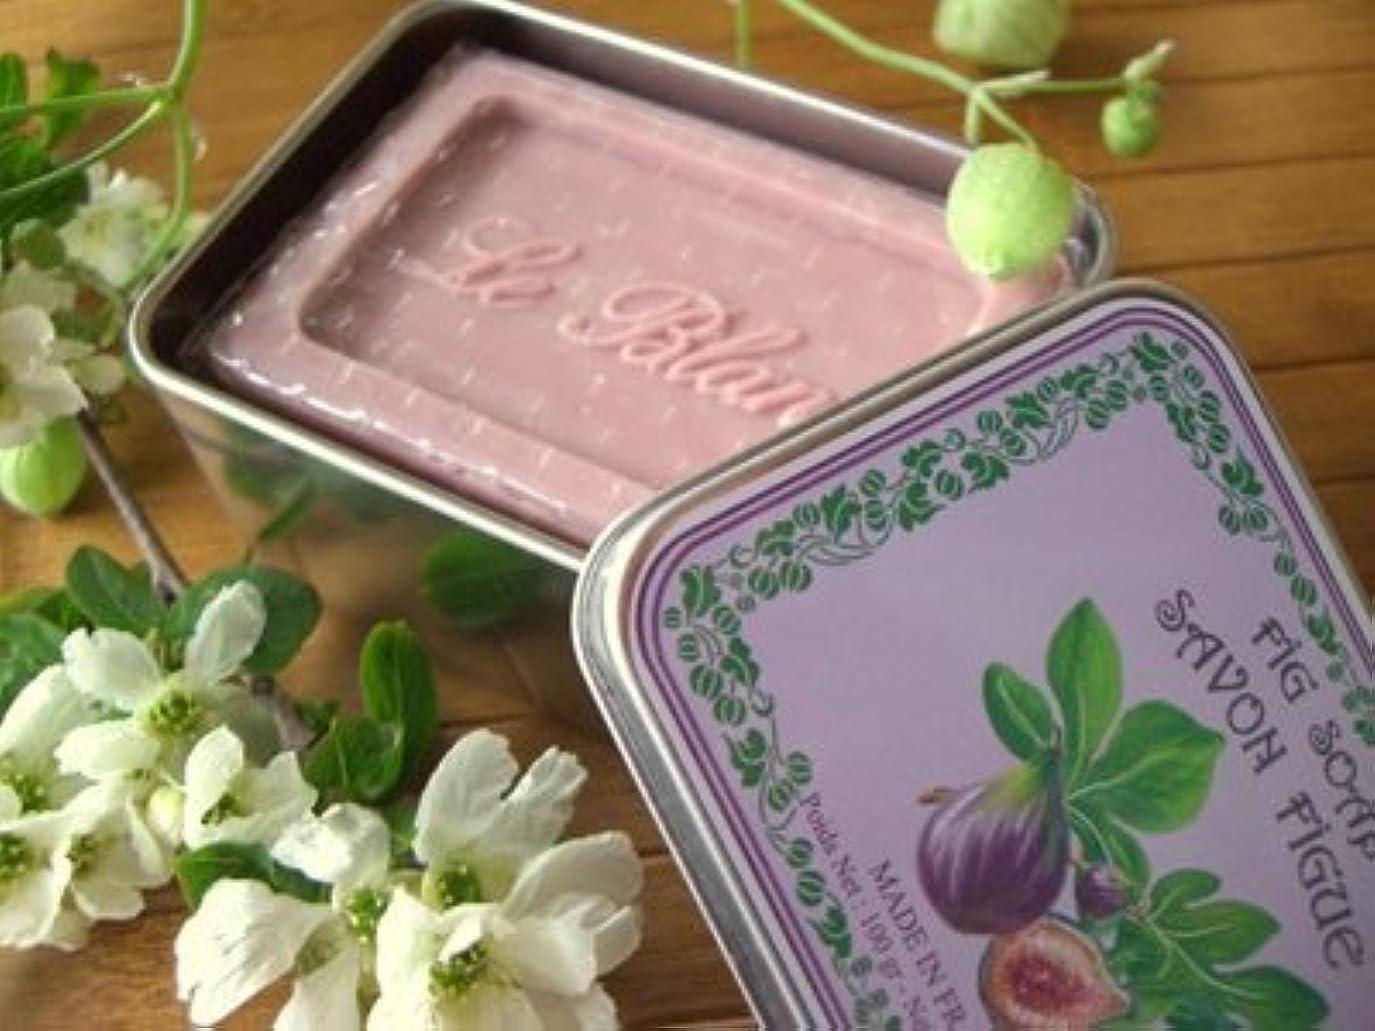 きらきら嫌な権利を与えるLE BLANC SOAP(ルブランソープ) イチジクの香り LB007ルブランソープ メタルボックス(leblanclb007)